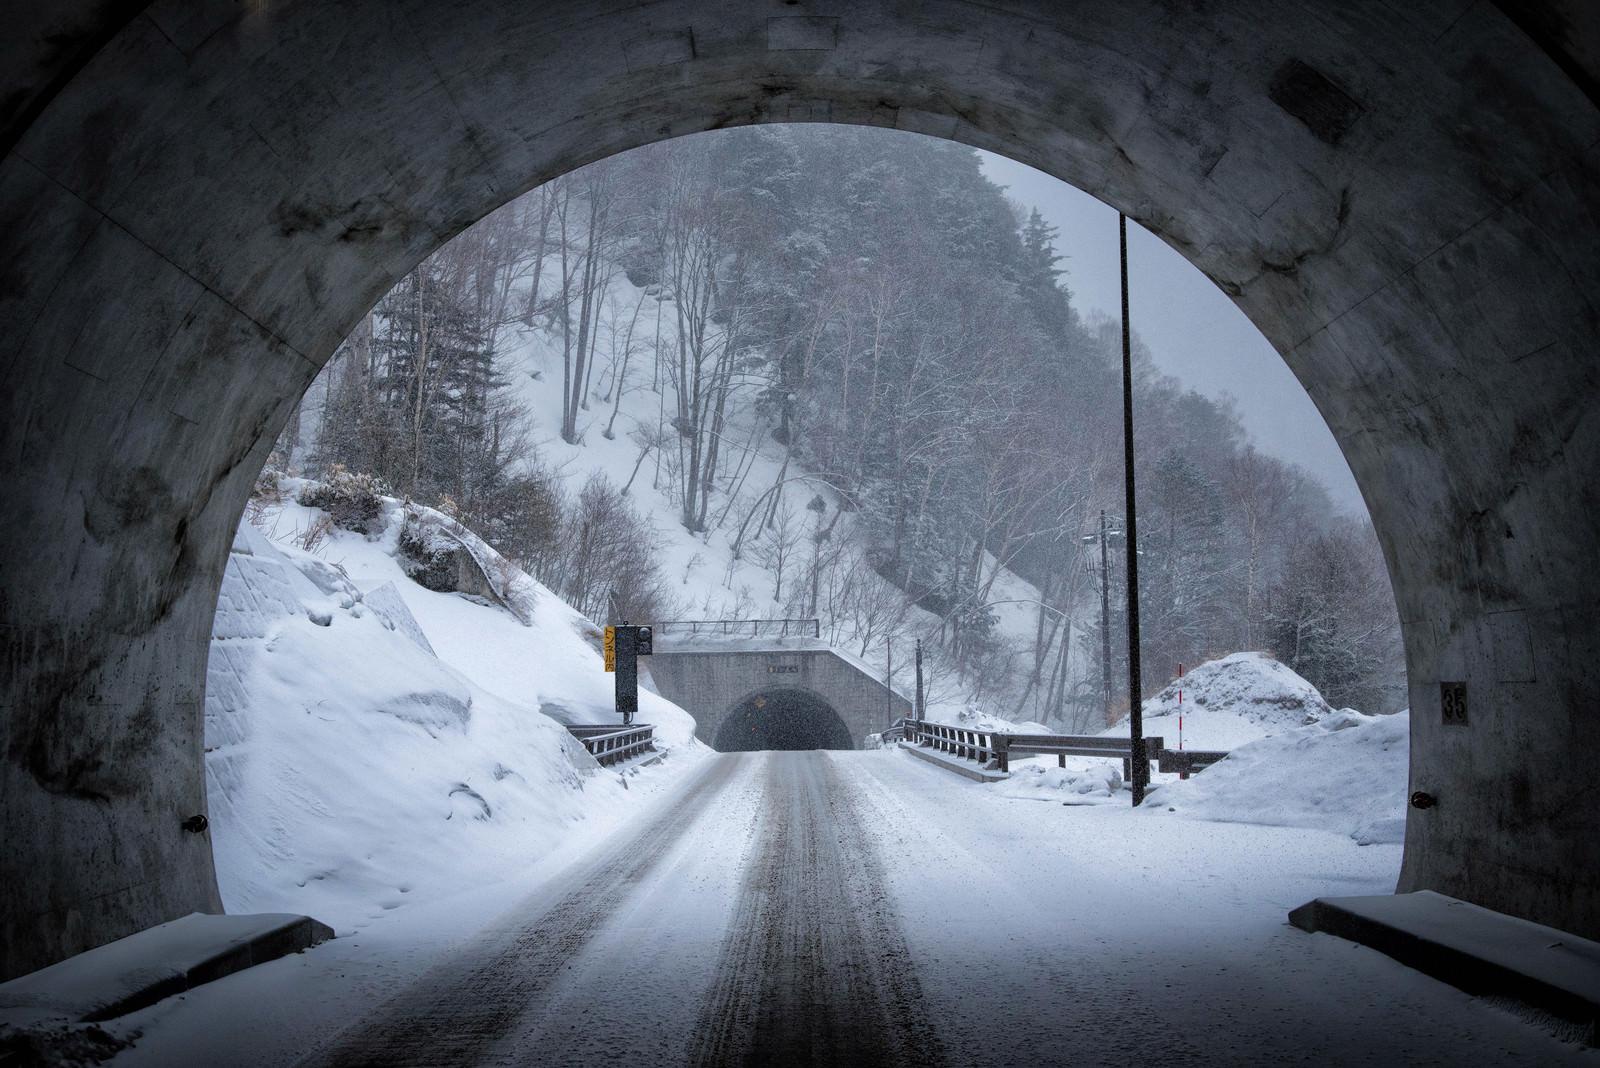 「不気味に口を開ける釜トンネル不気味に口を開ける釜トンネル」のフリー写真素材を拡大